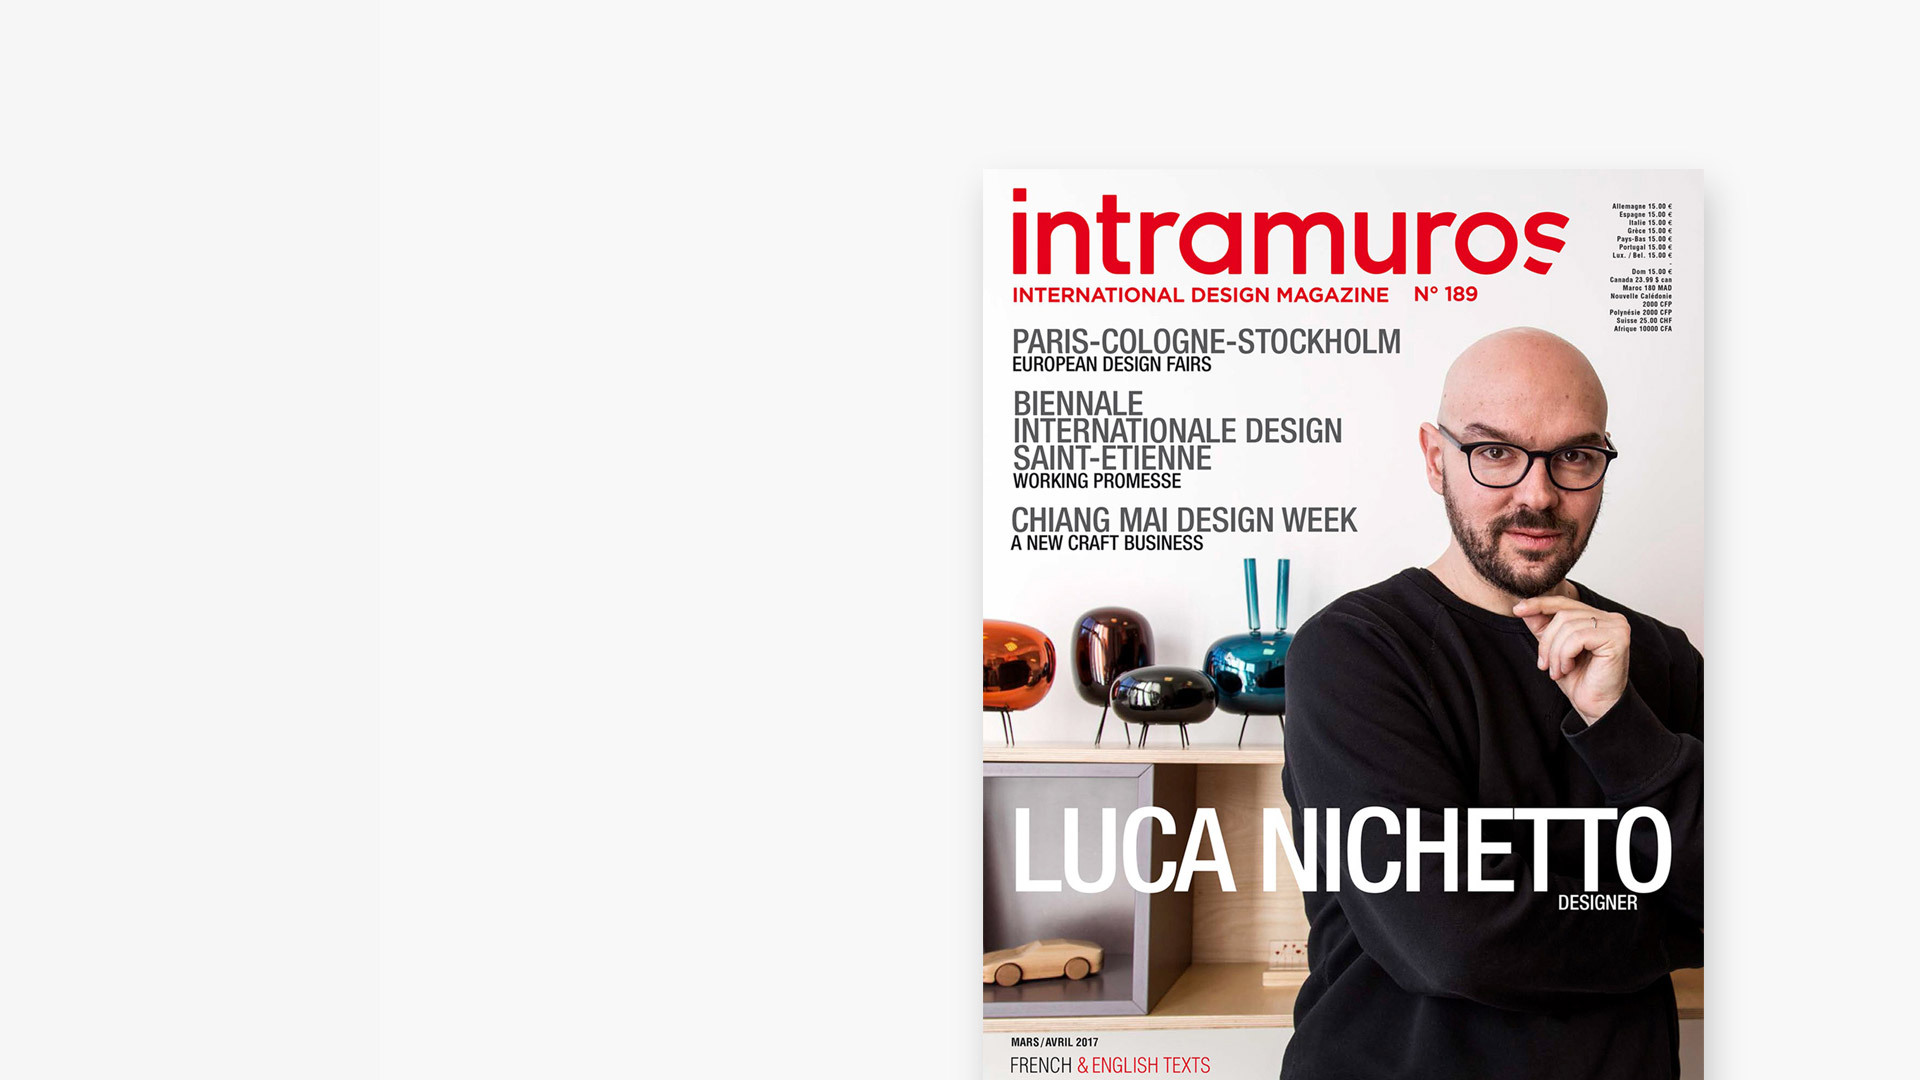 法国设计杂志<br/>intramuros专题报道